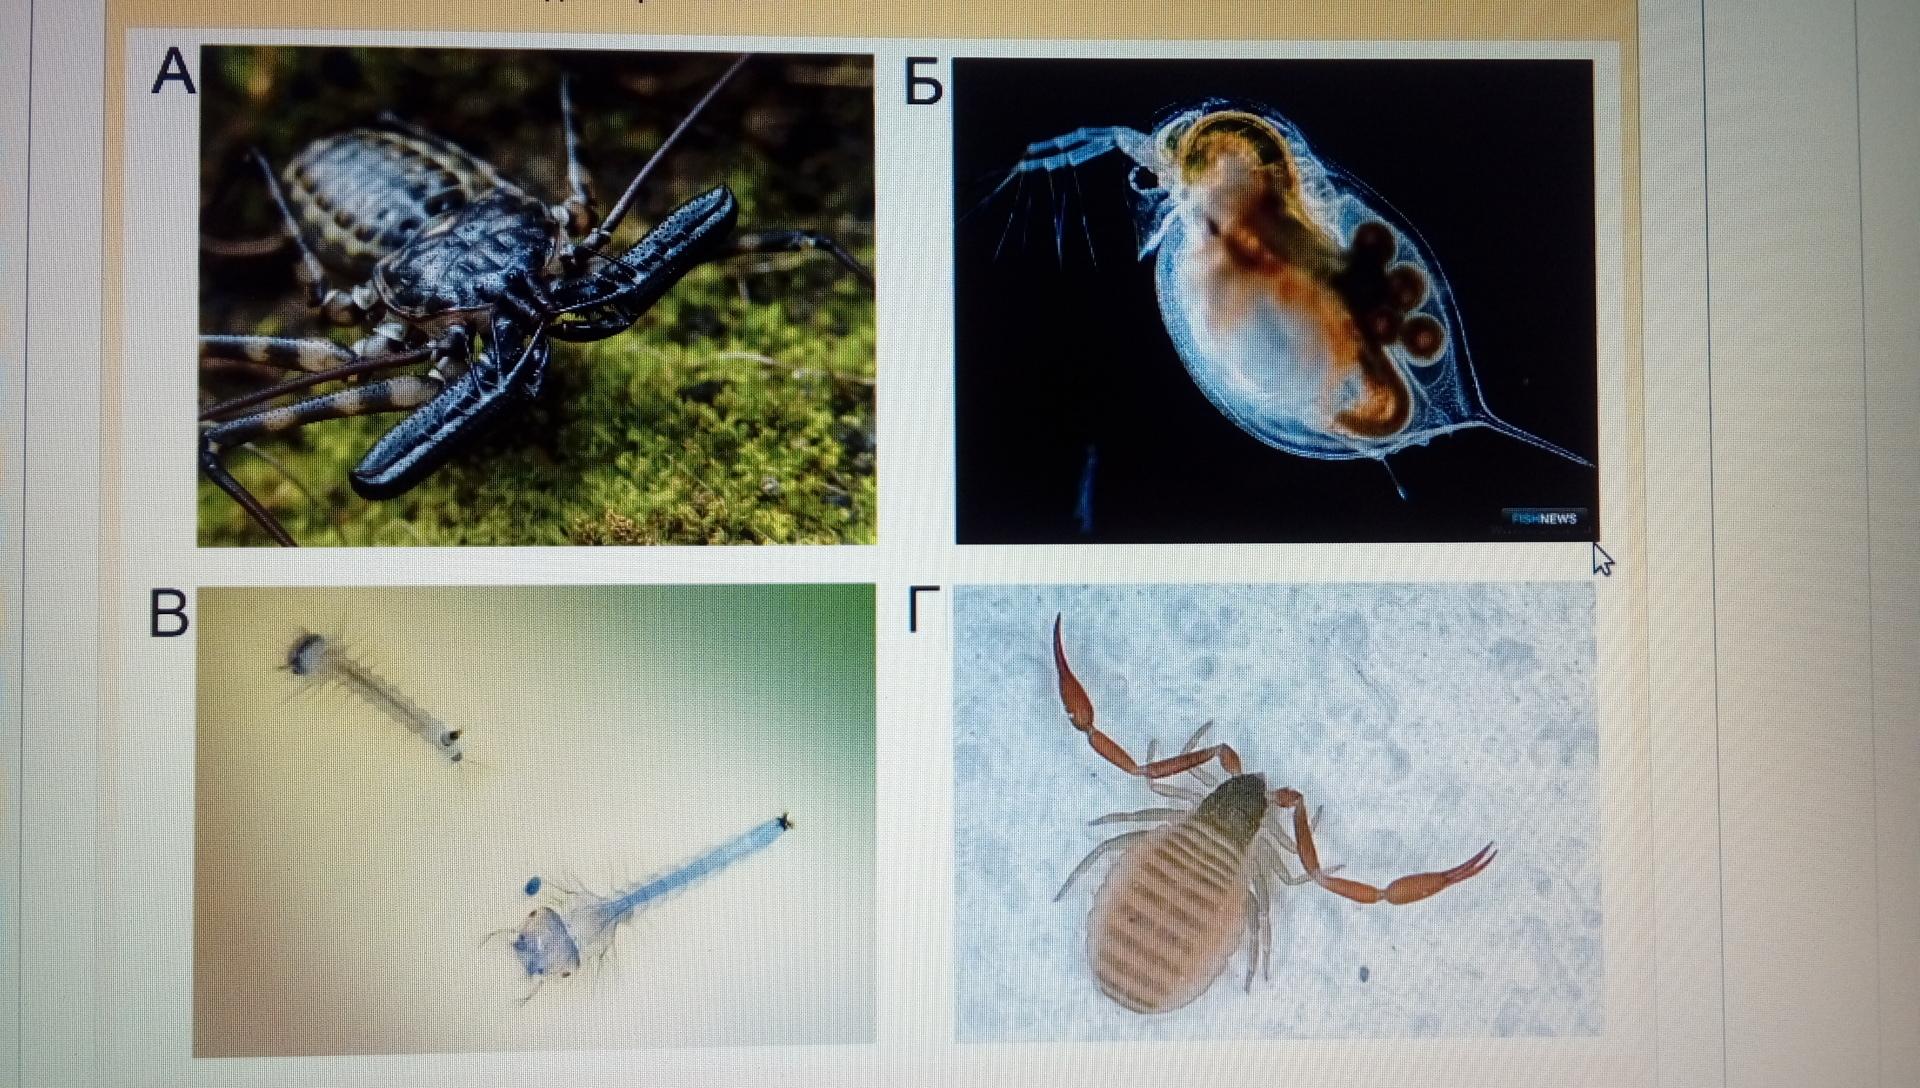 У кого из этих организмов одна пара антенн?